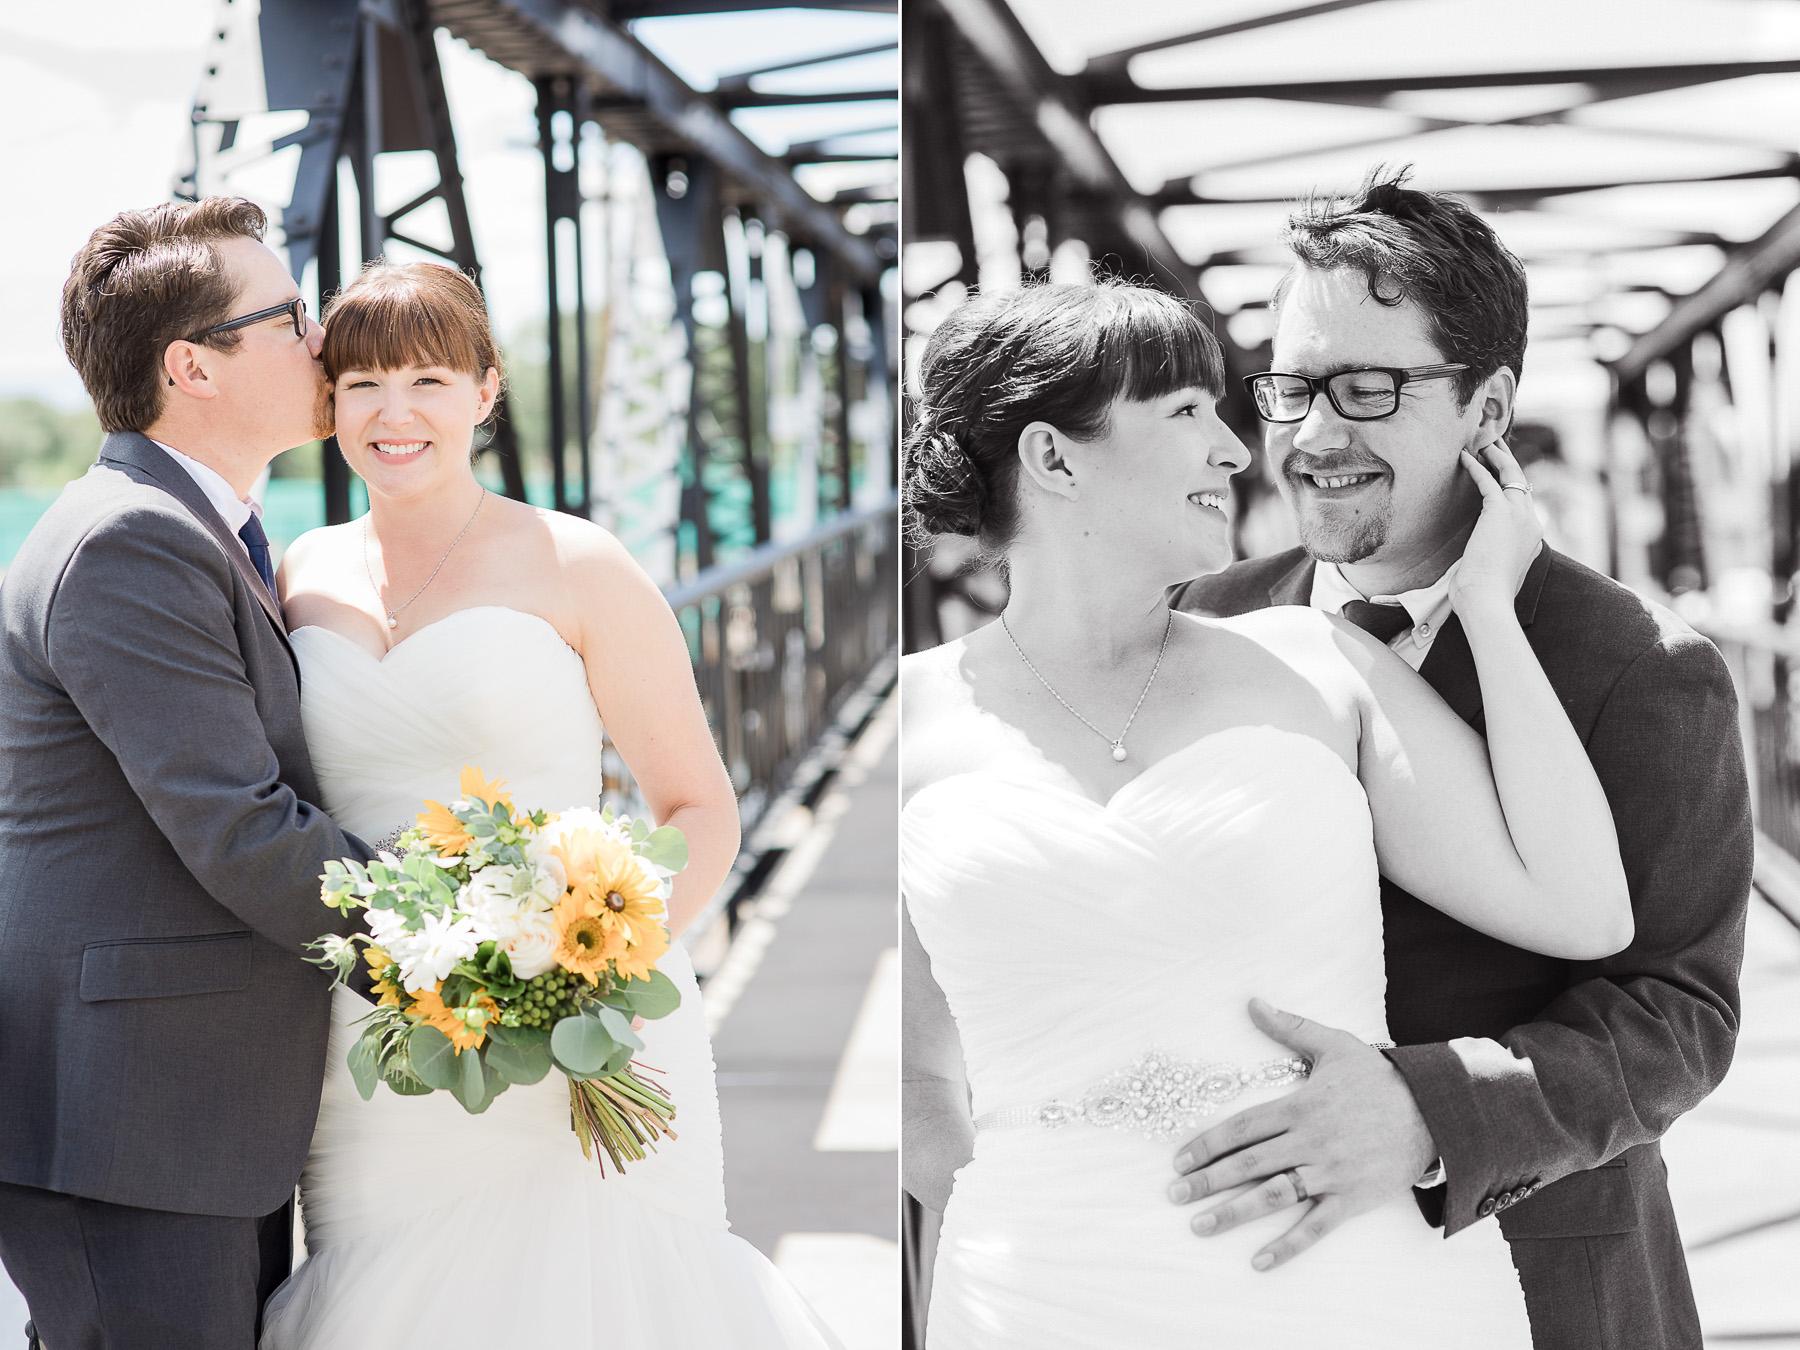 Intimate Backyard Wedding Photography by Laramie Based Wedding Photographer